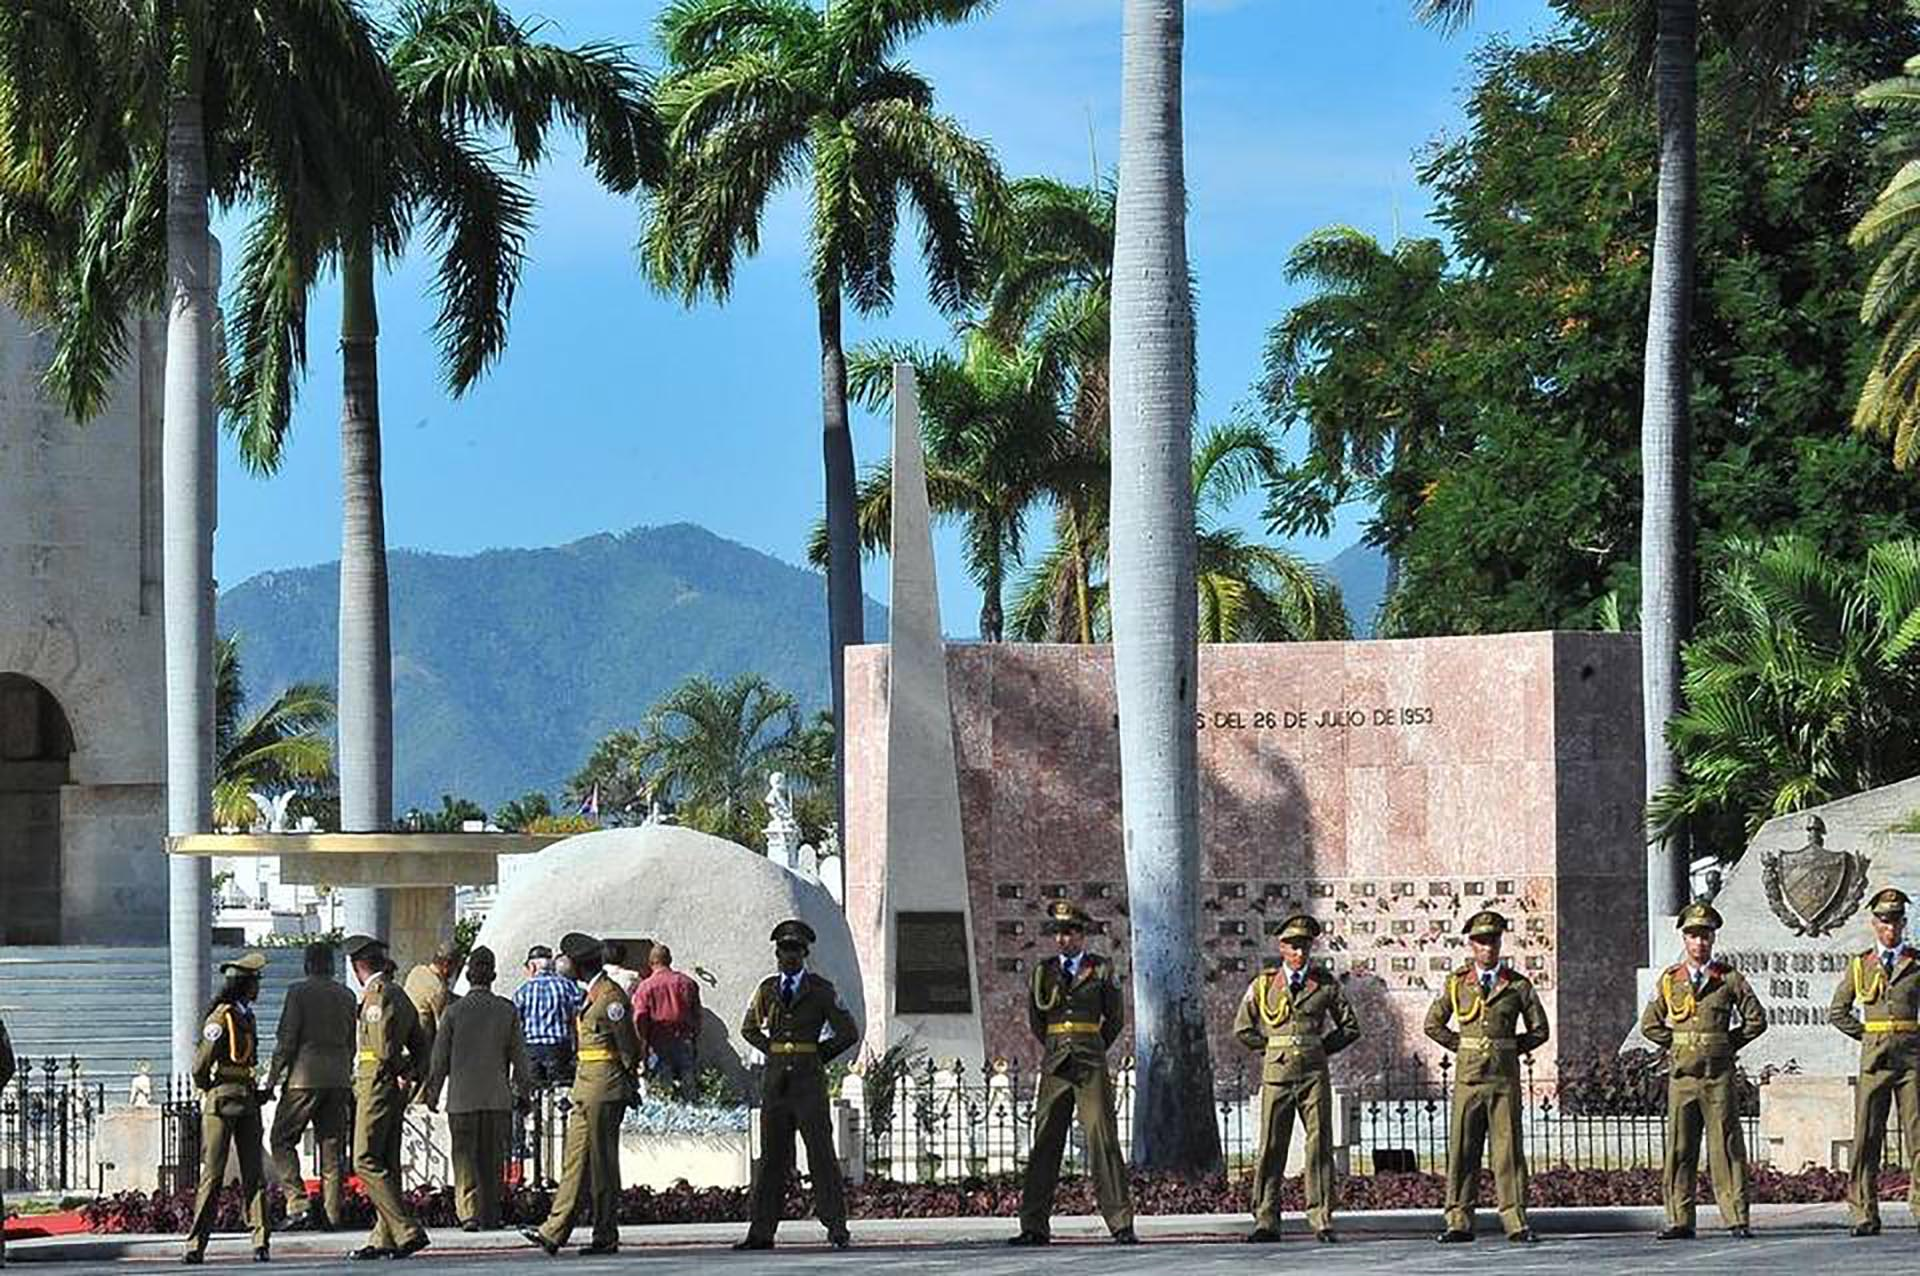 La ceremonia fue privada. Participaron familiares y líderes del mundo cercanos al régimen castrista (AFP)